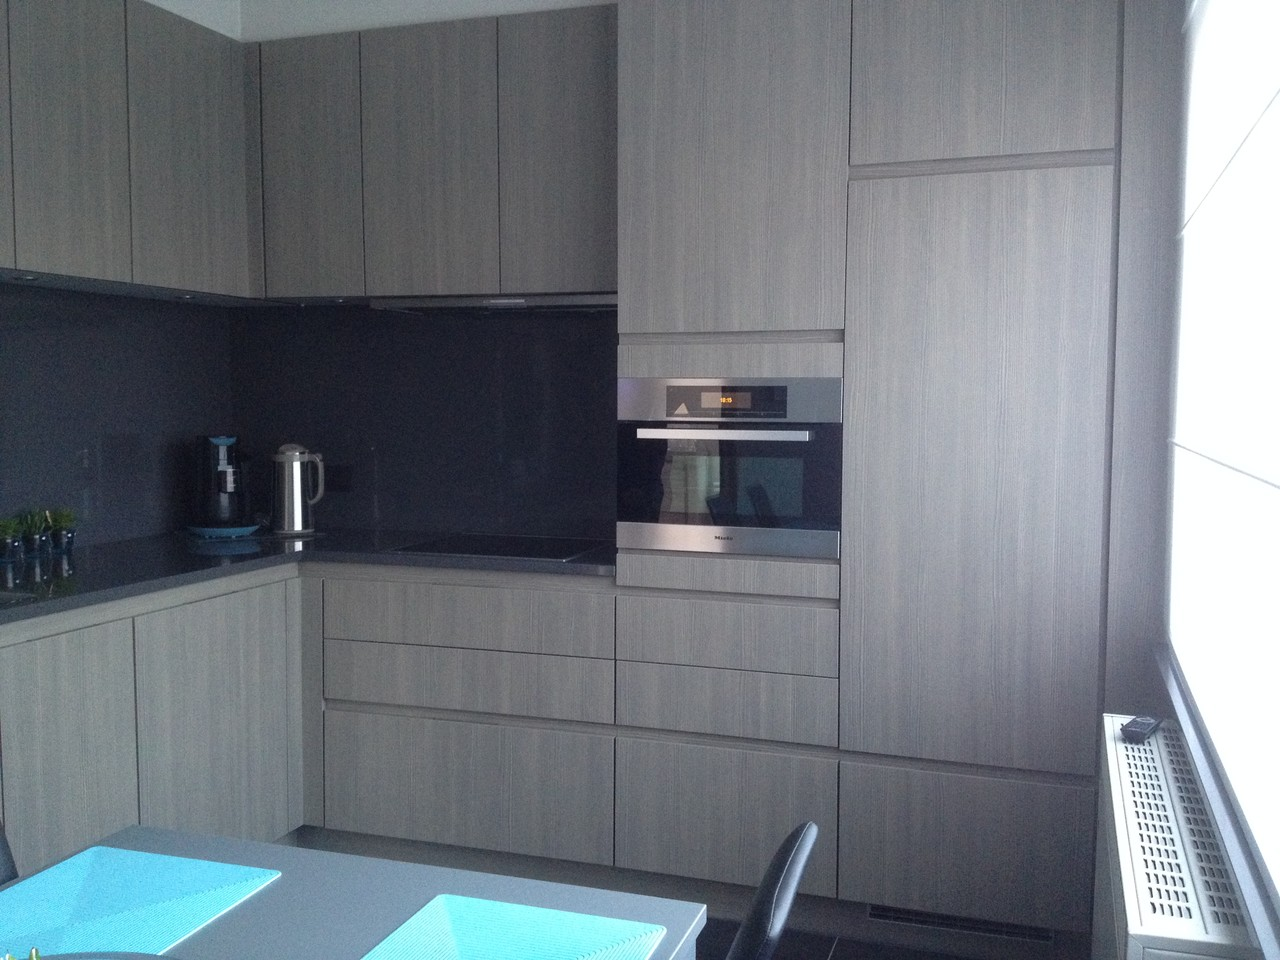 keuken met fronten in houtstructuur en miele inbouwtoestellen